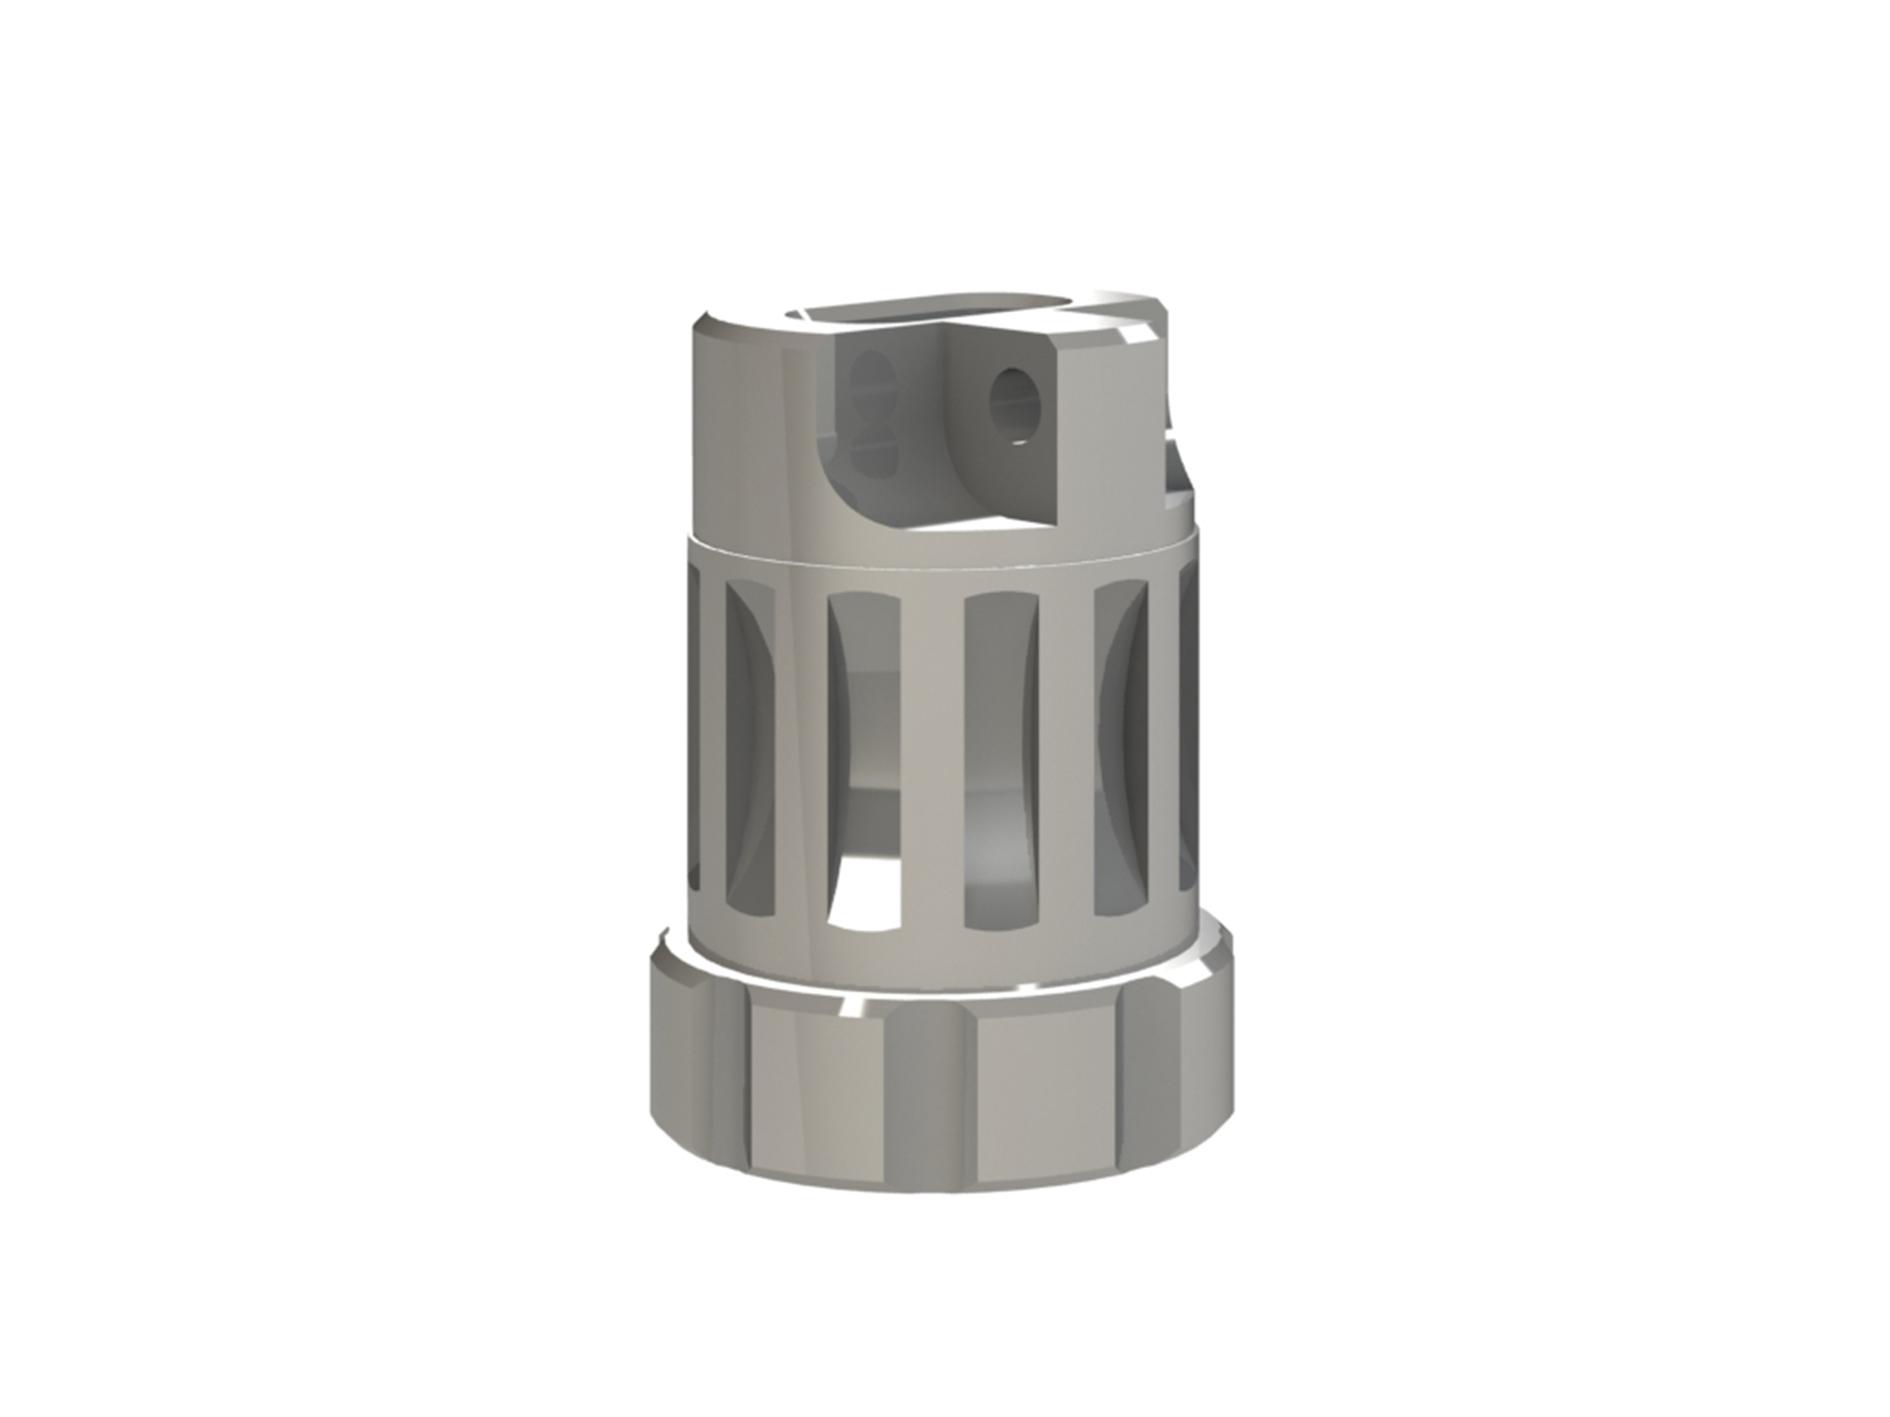 Adapter Dentalanschluss* auf Ratsche Straumann® ( Ø 7 )   Art.-Nr. 31.035.70.110  Dental ISO* auf Ø 7  Preis  26€